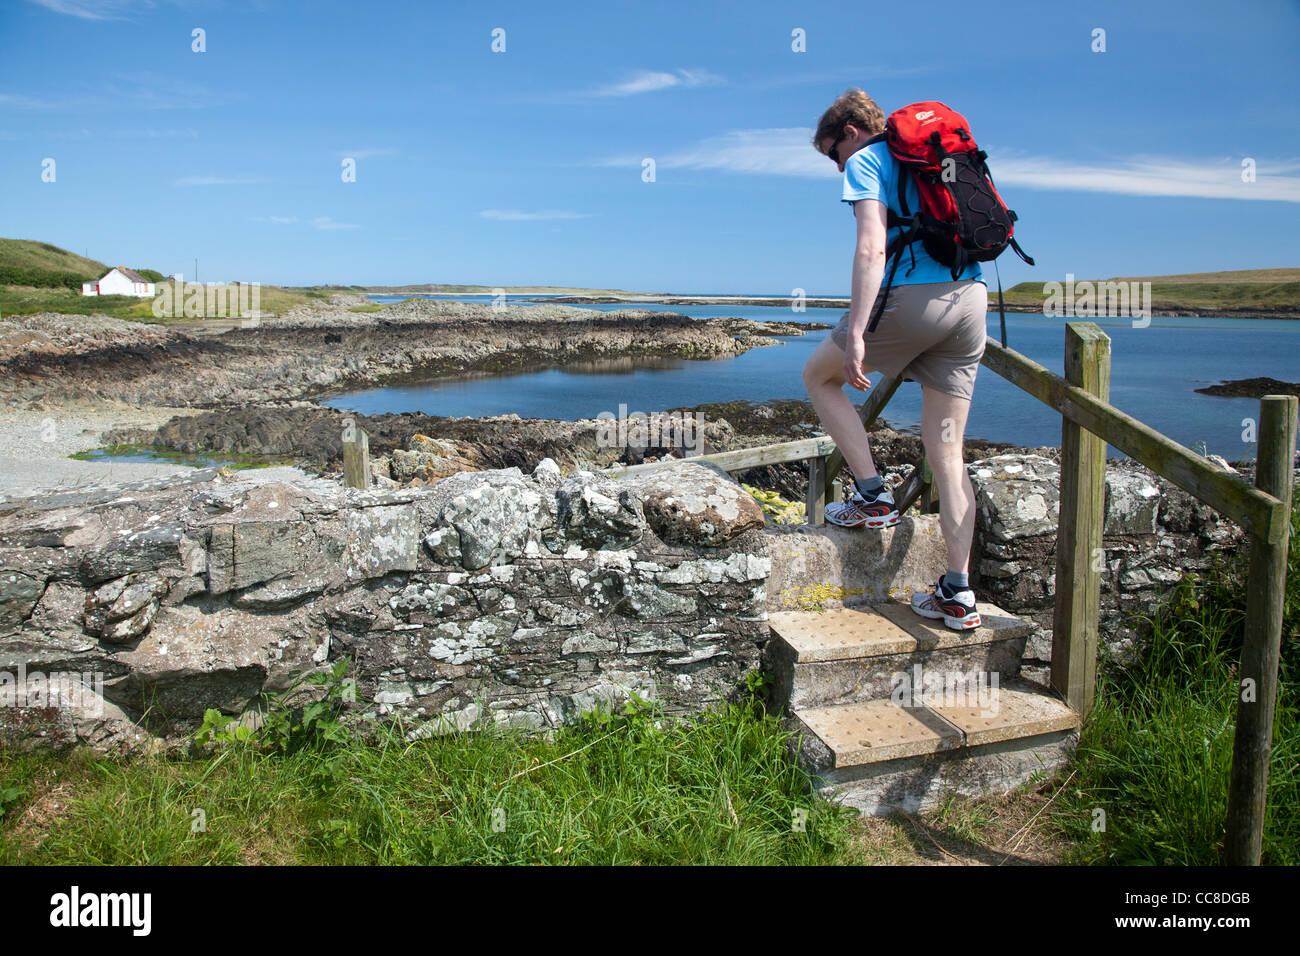 Walker attraversando un stile sul Ballyhornan sentiero costiero, Lecale modo, County Down, Irlanda del Nord. Immagini Stock